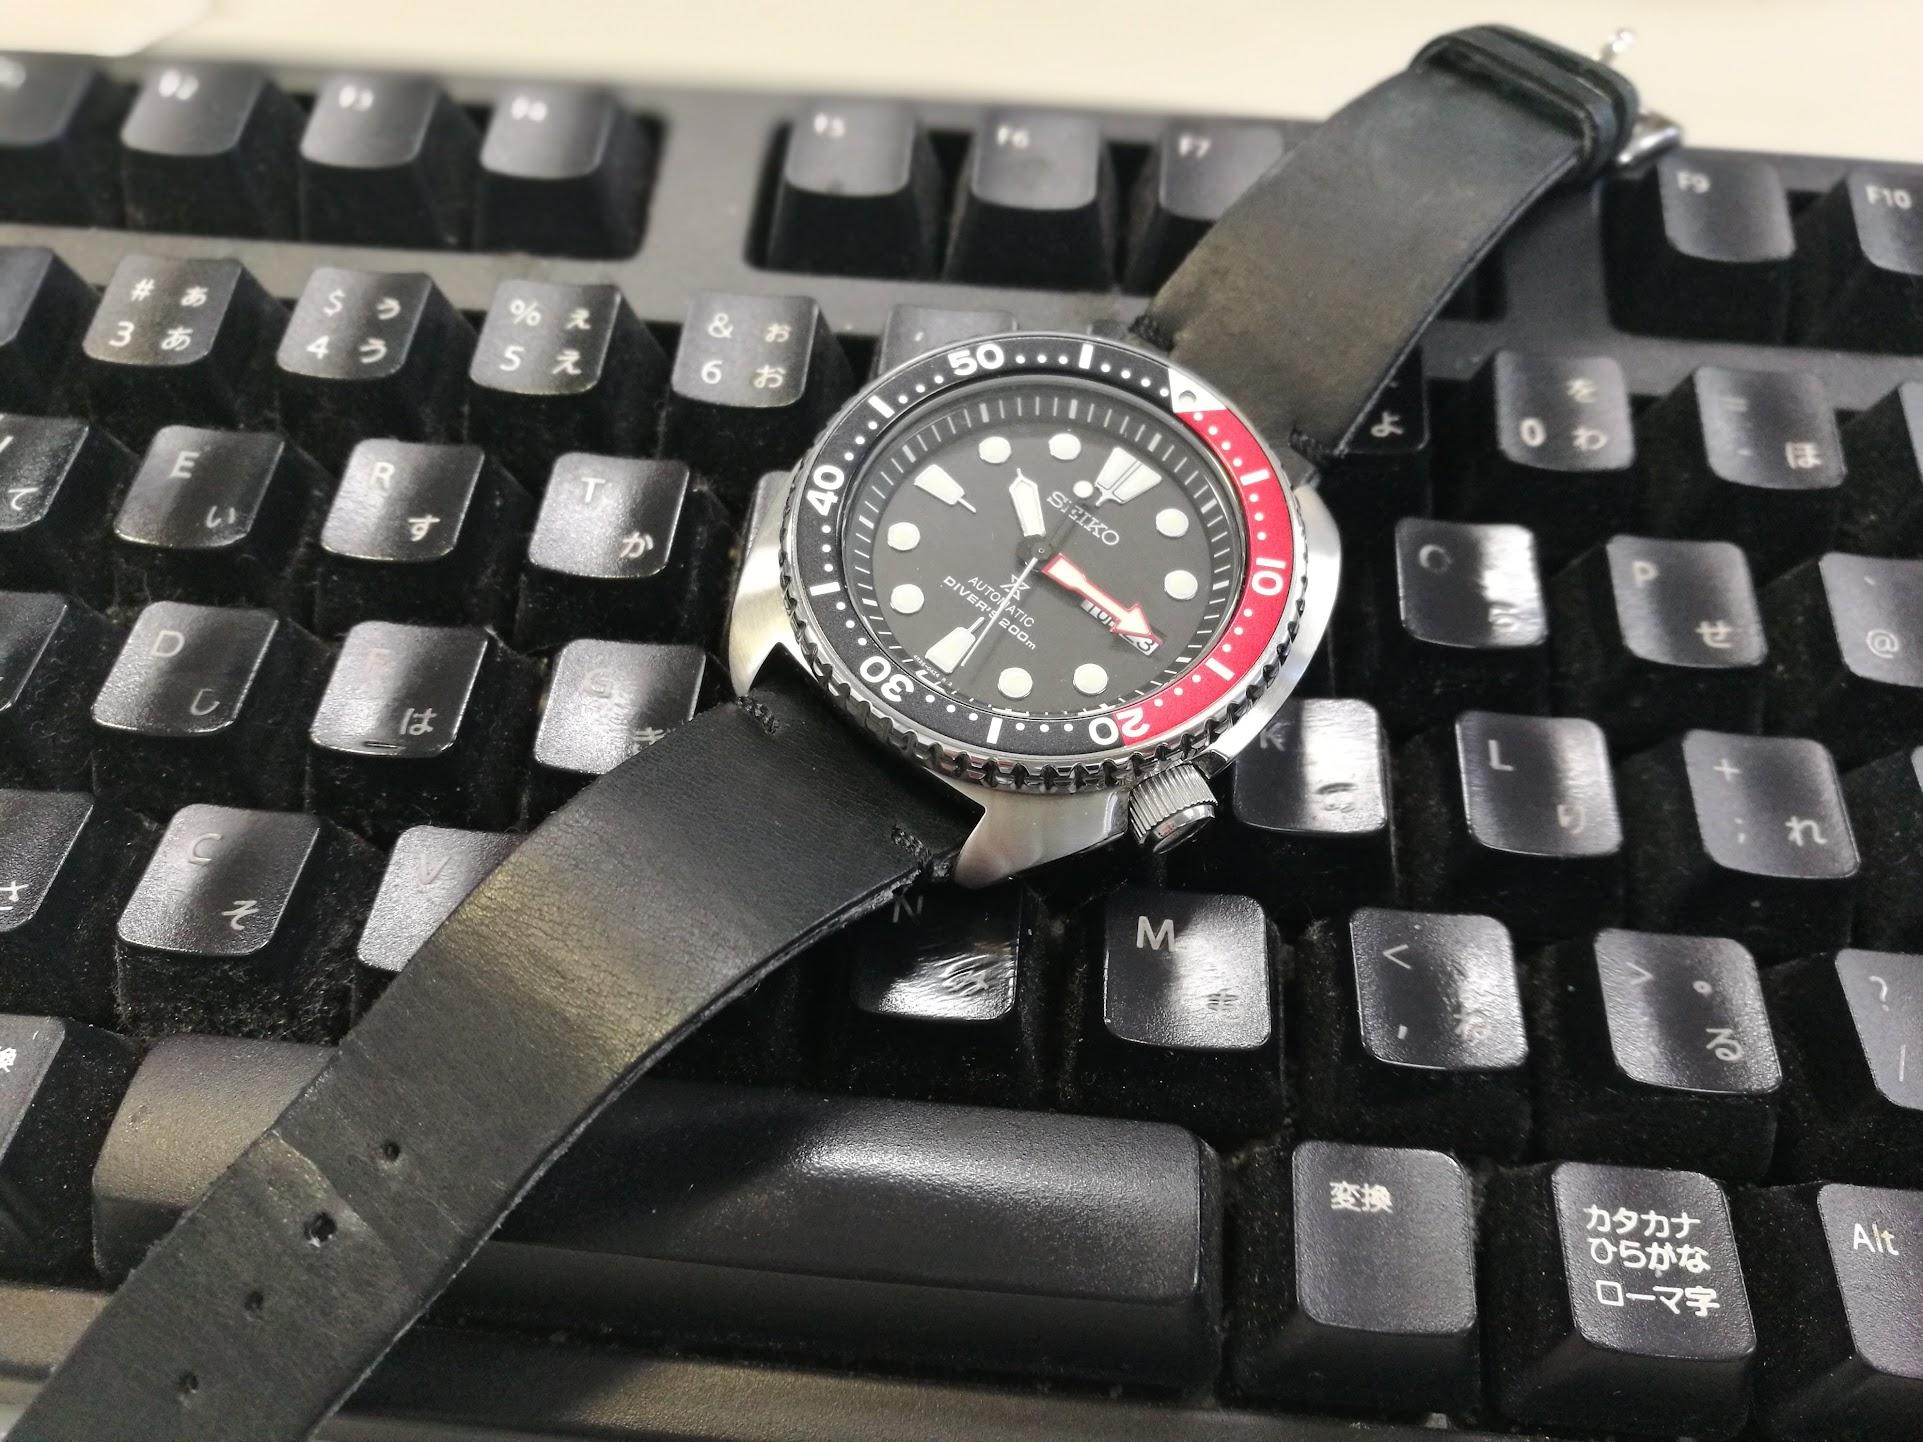 SRP789 on keyboard